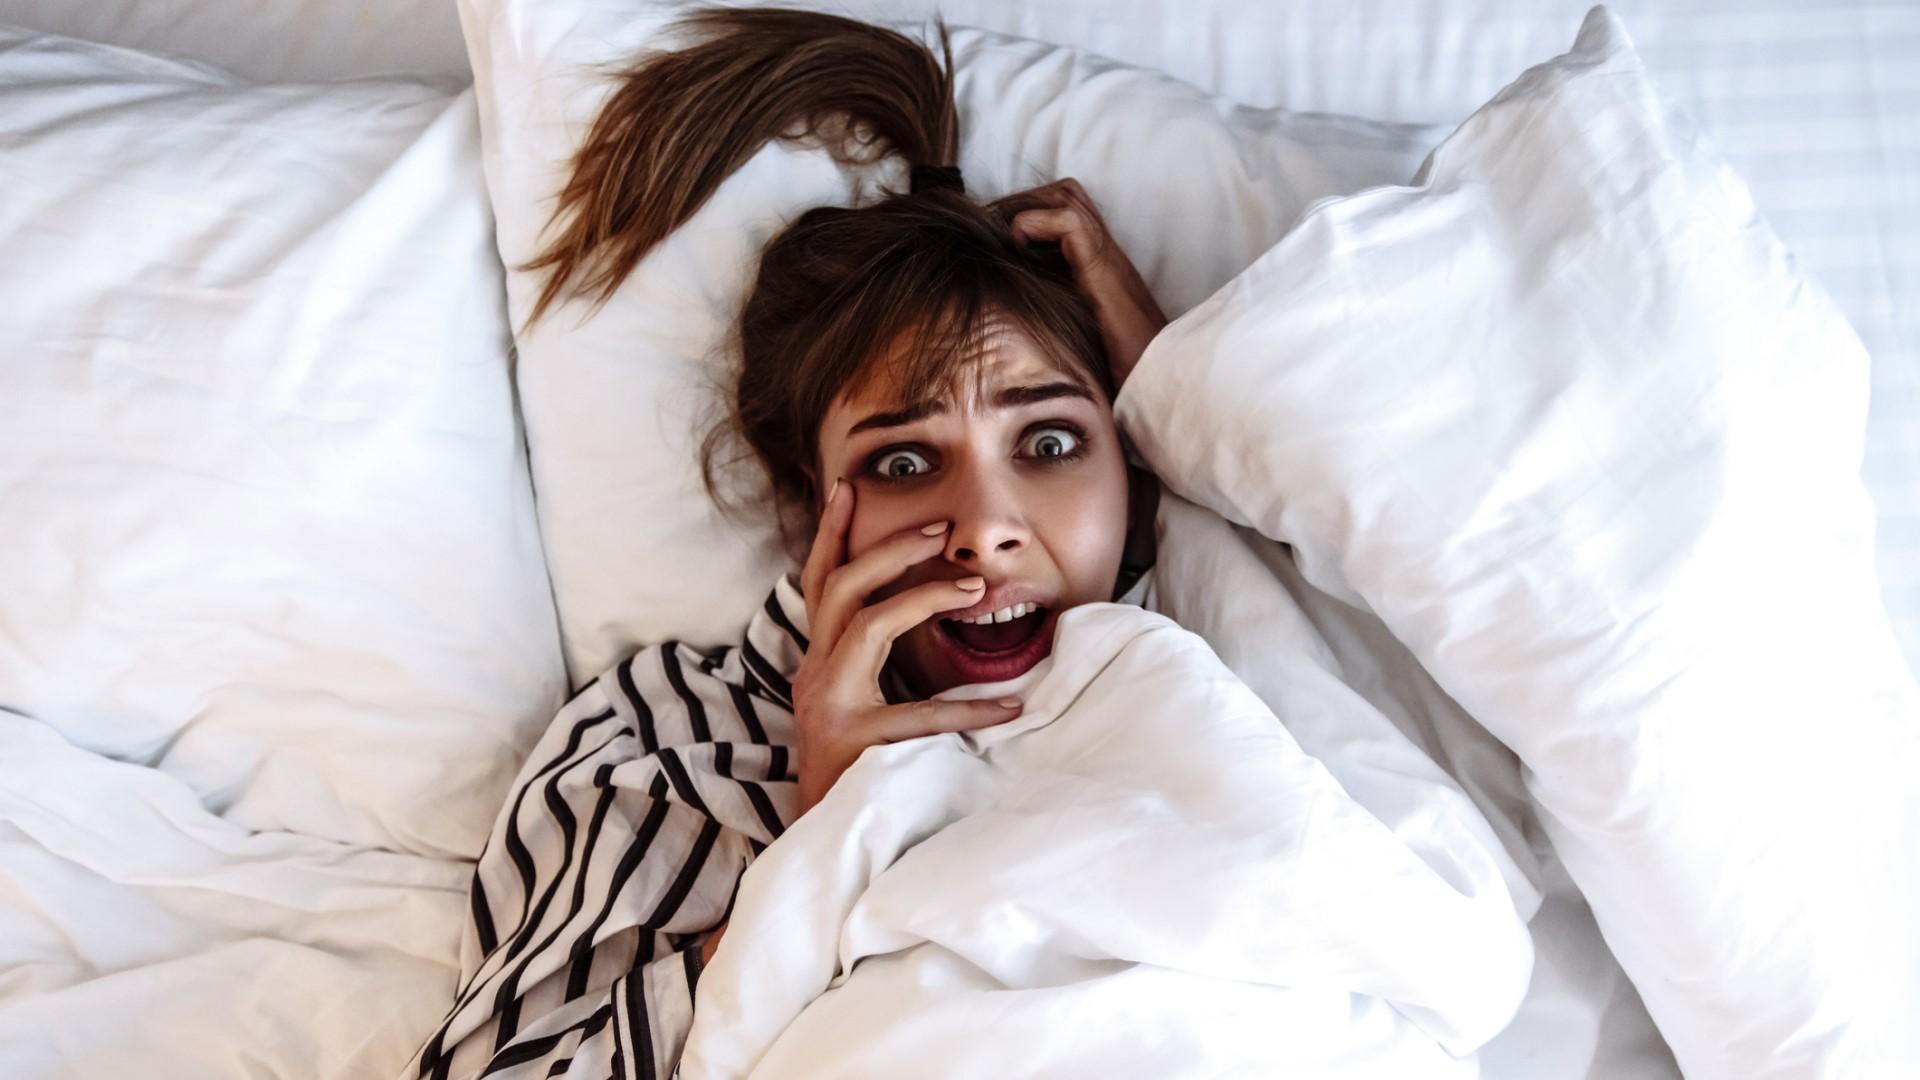 5 снов, которые предупреждают о неудачах: ложь, измена, катастрофы